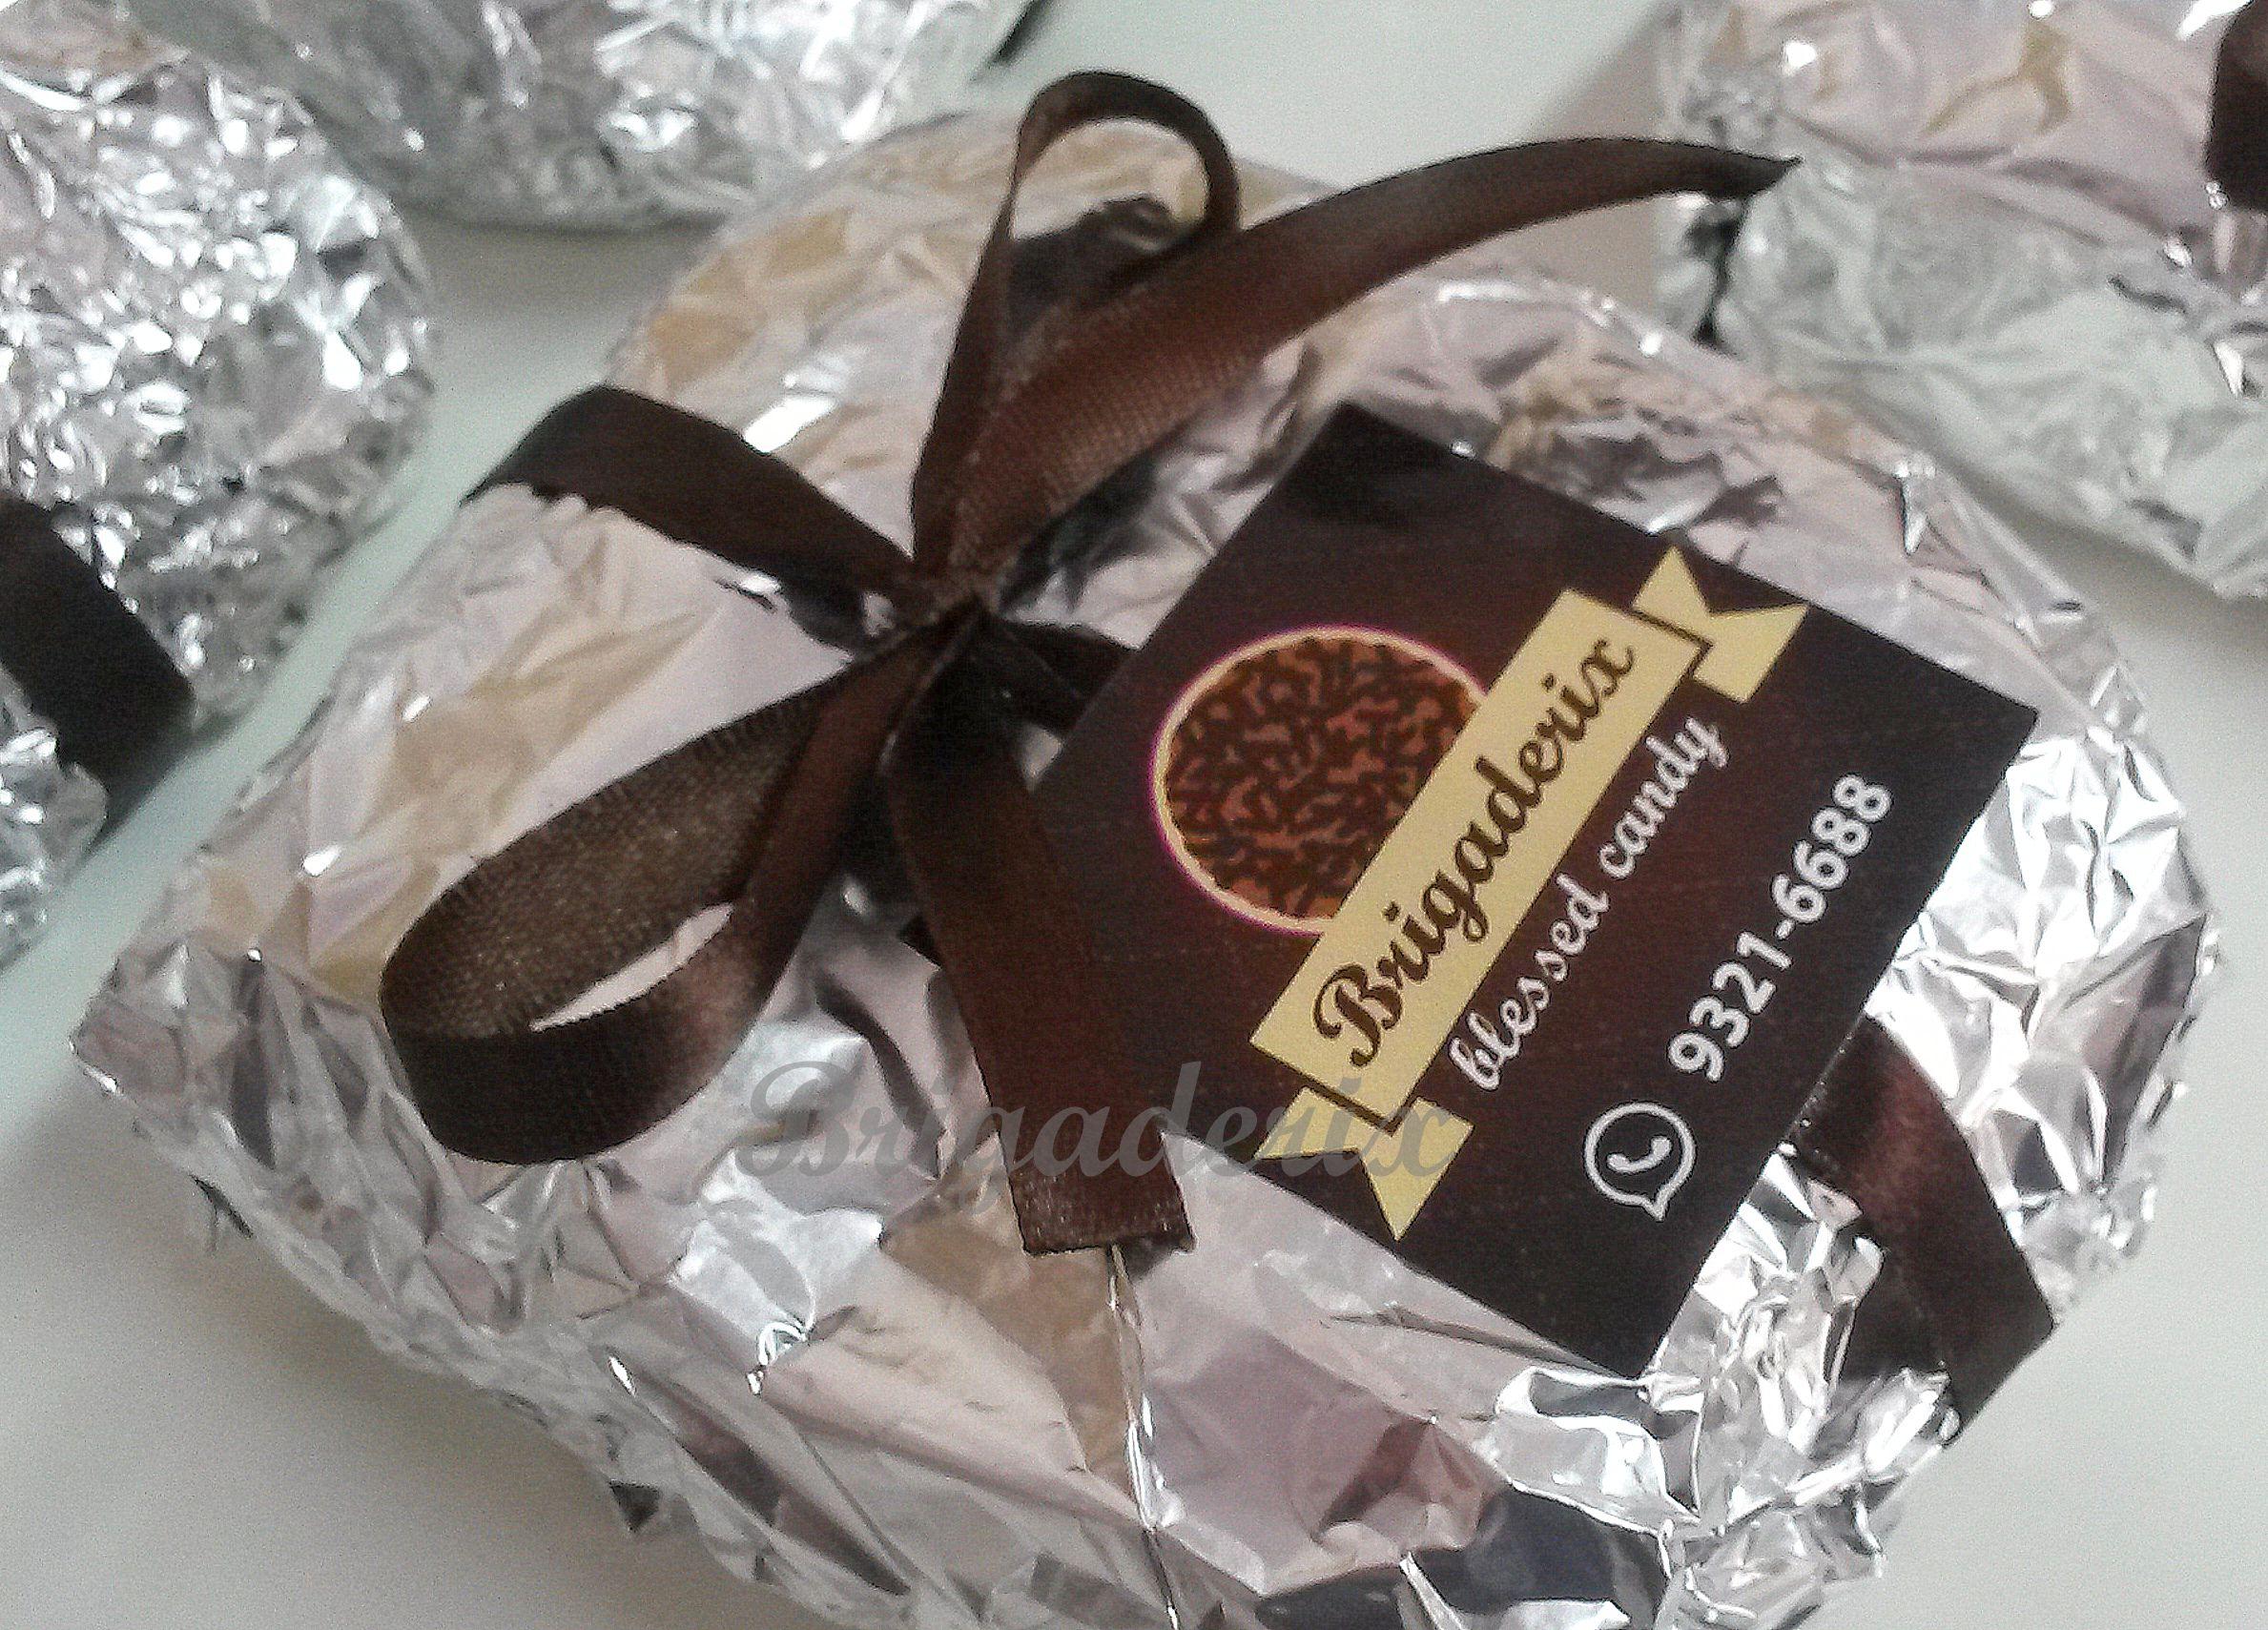 Bolo gelado. Temos nos sabores coco, chocolate, milho. Whats (51) 9321 6688 ou (51) 3367 17 92 brigaderix@hotmail.com facebook.com/brigaderix